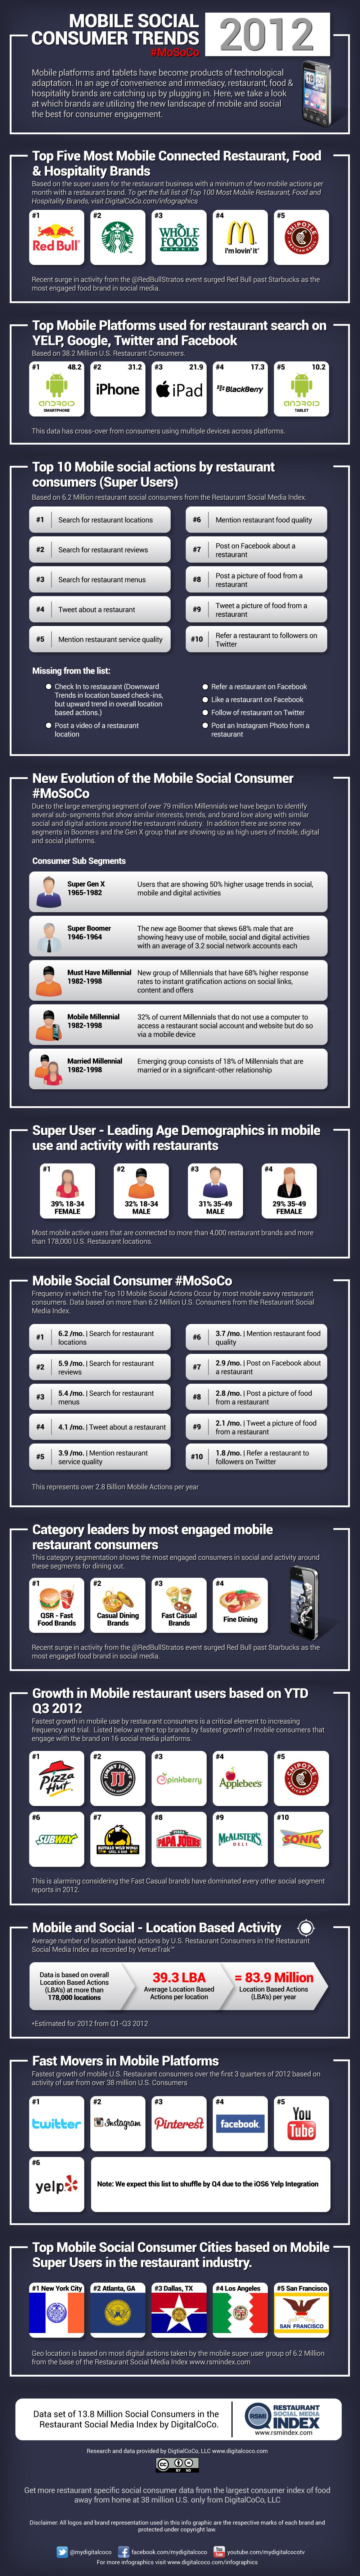 2012-Mobile-Social-Consumer-Trends-Infographic.jpg